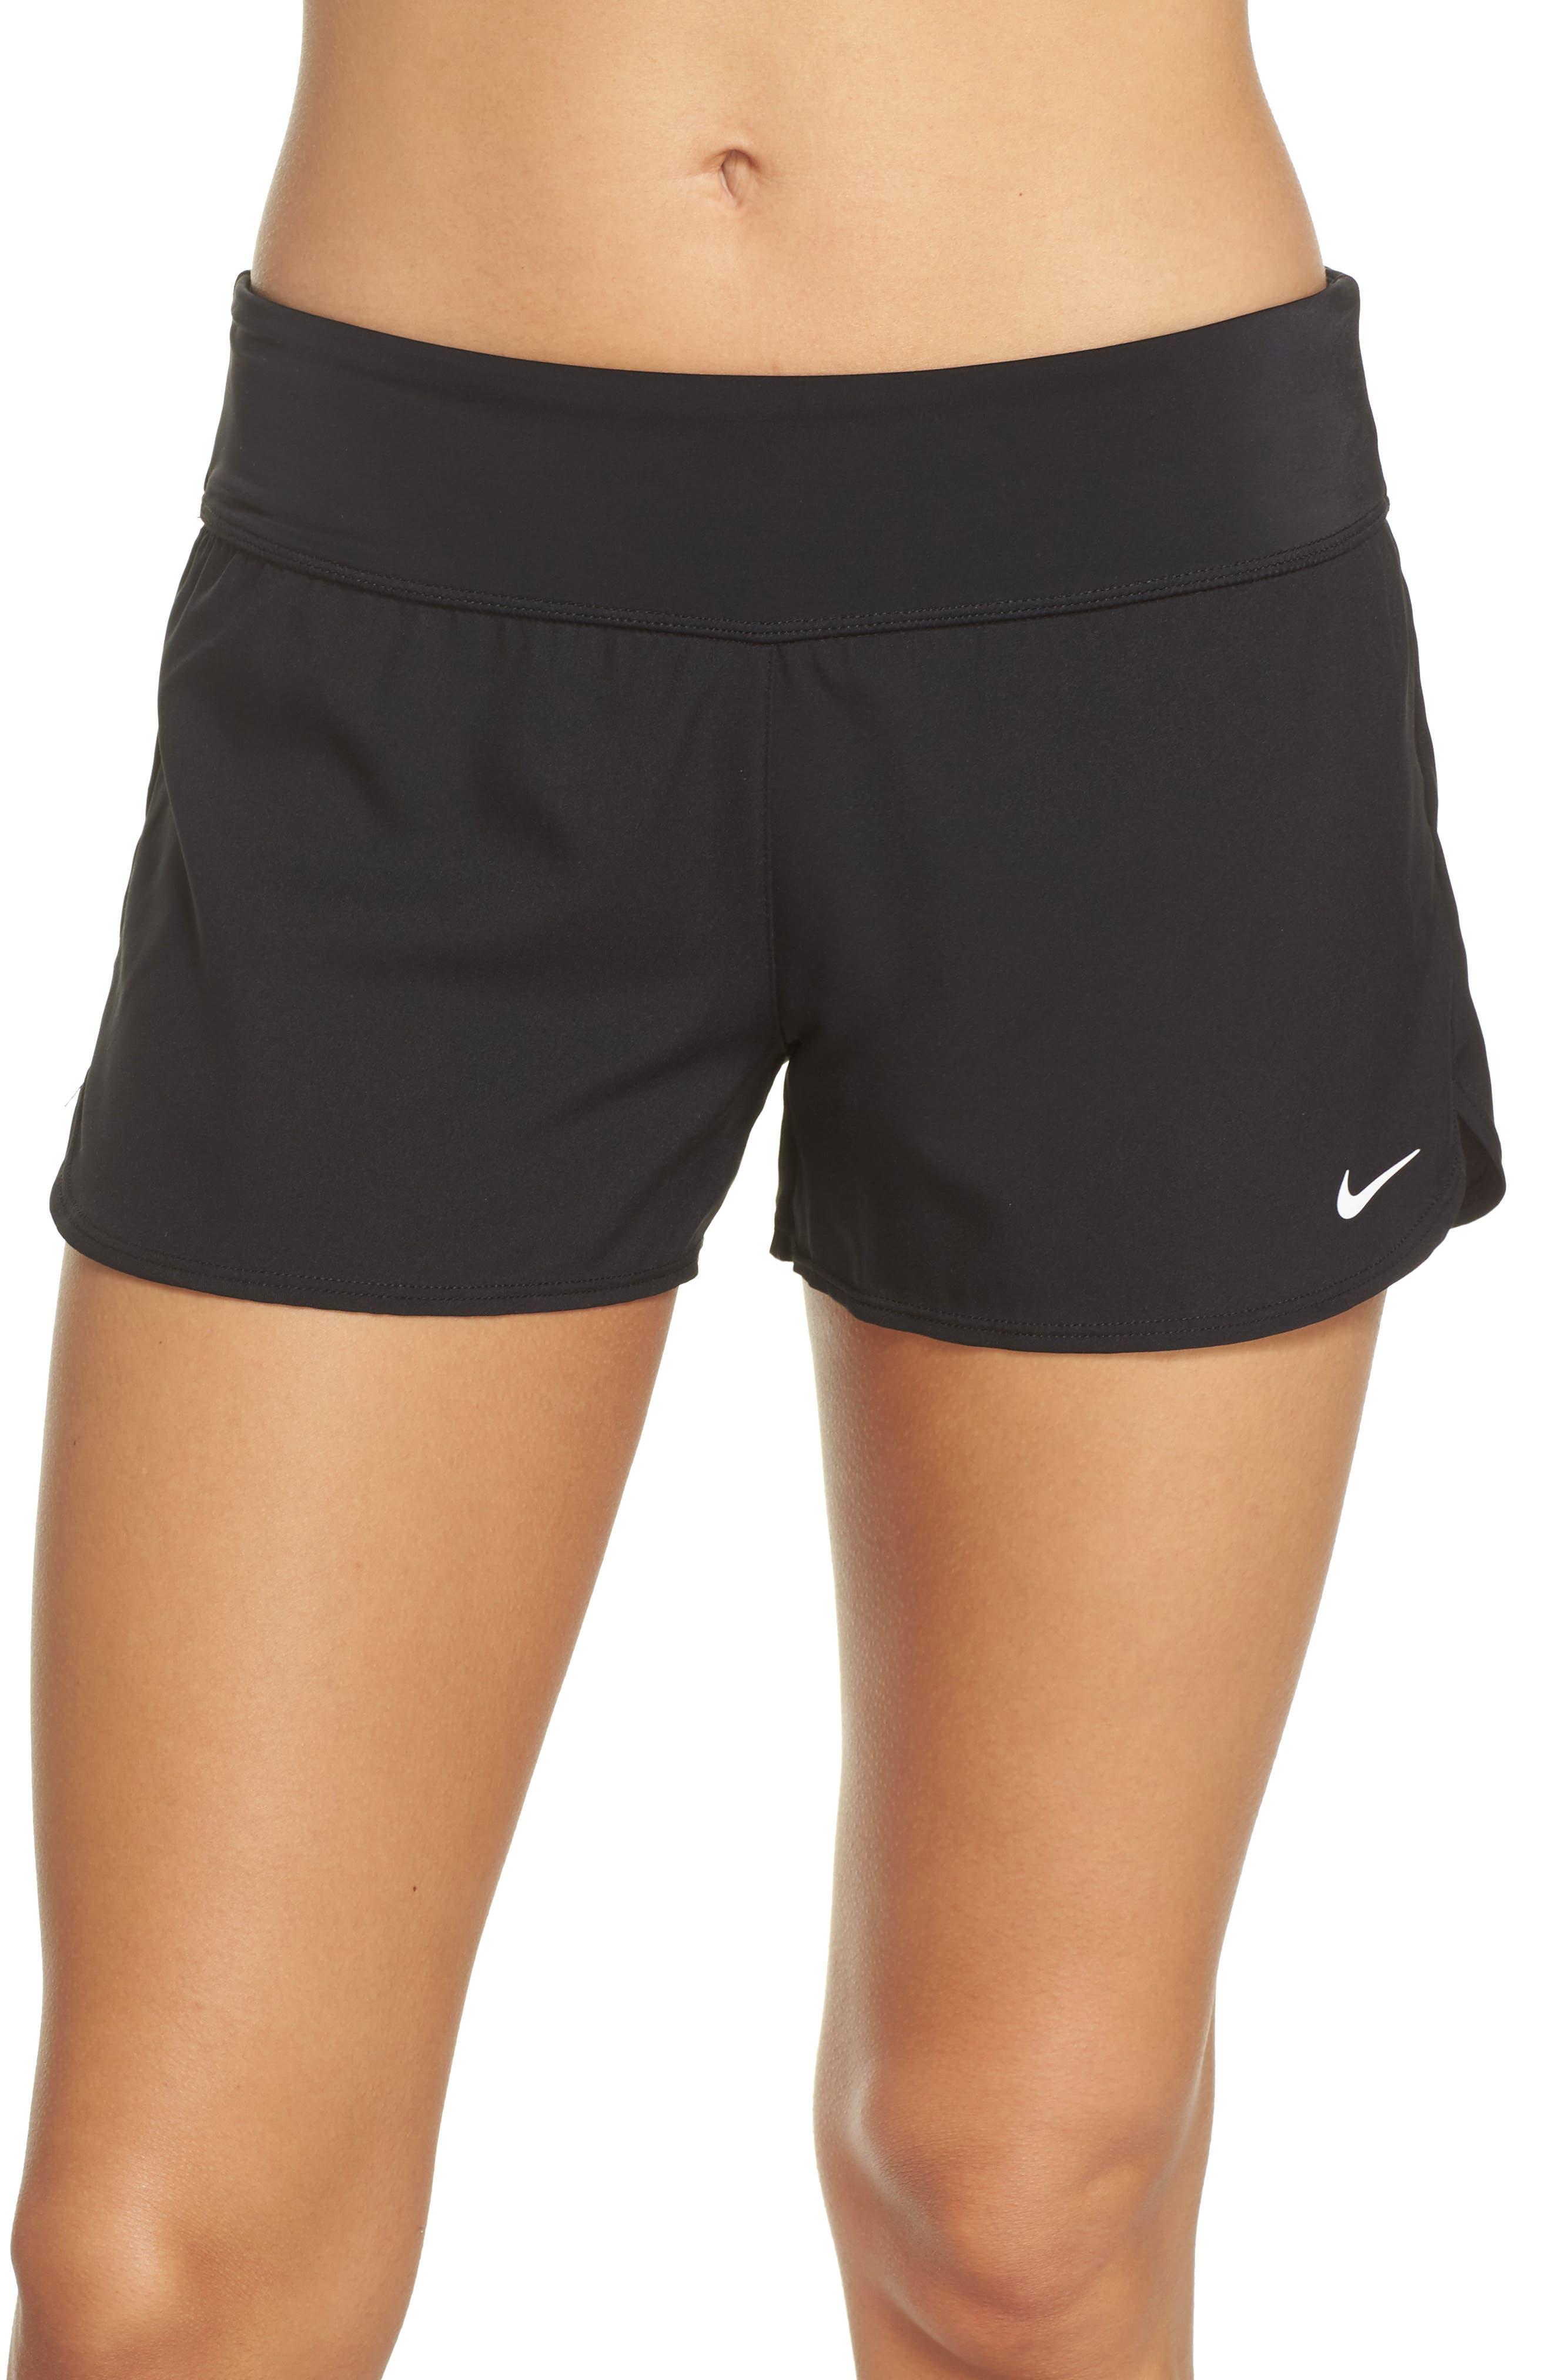 Swim Board Shorts,                             Main thumbnail 1, color,                             Black